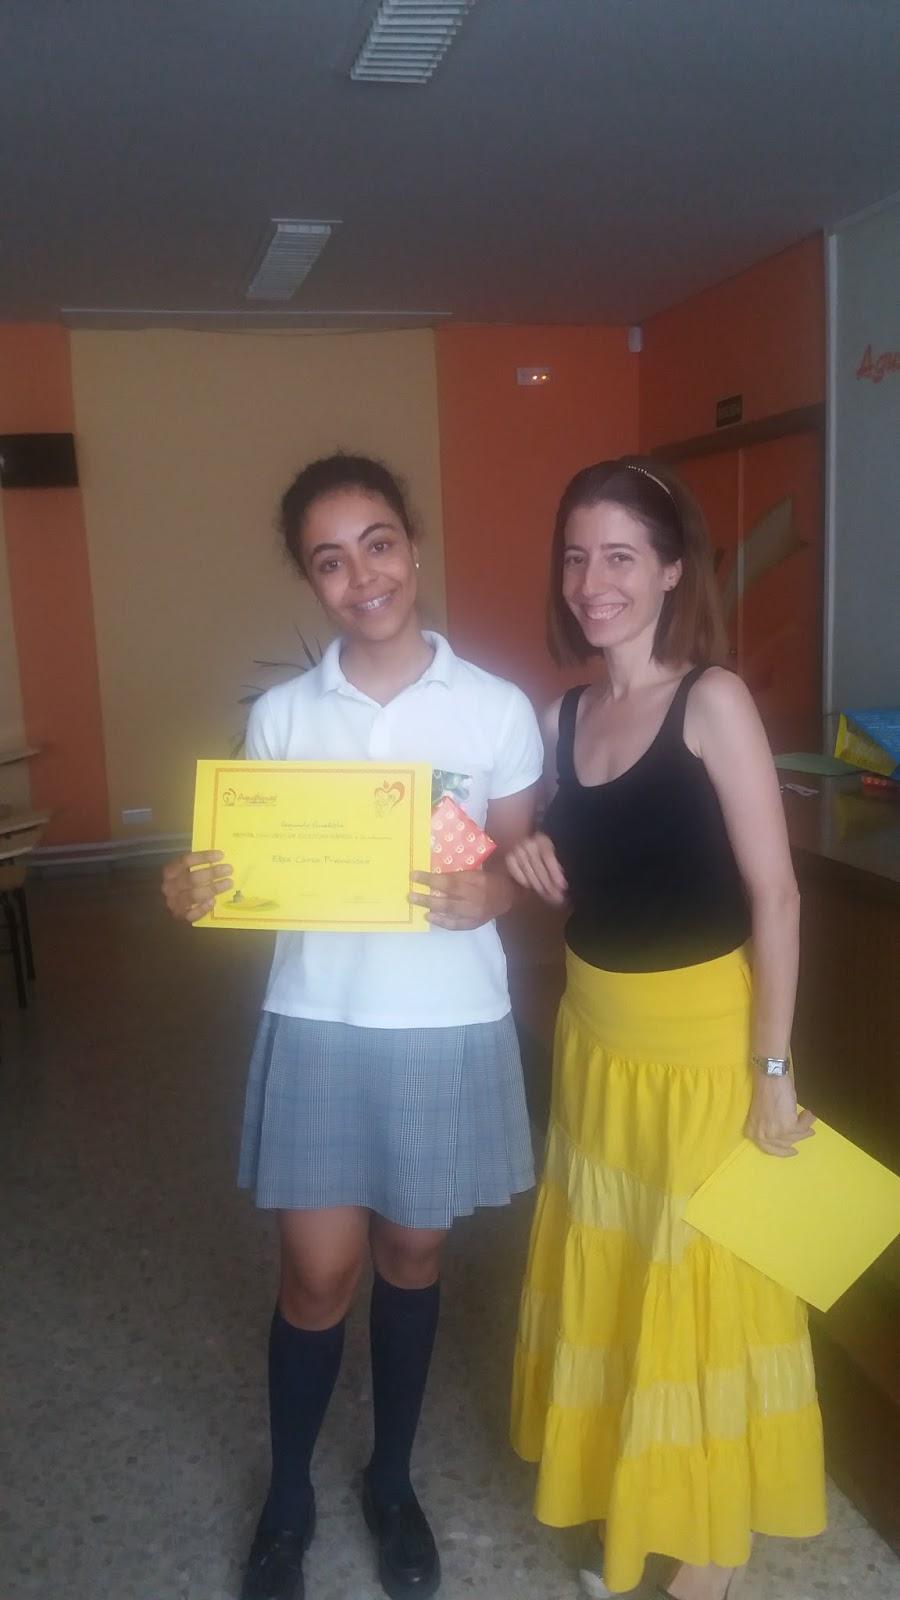 Agustinas Valladolid - 2017 - ESO- Concurso Escritura Rápida